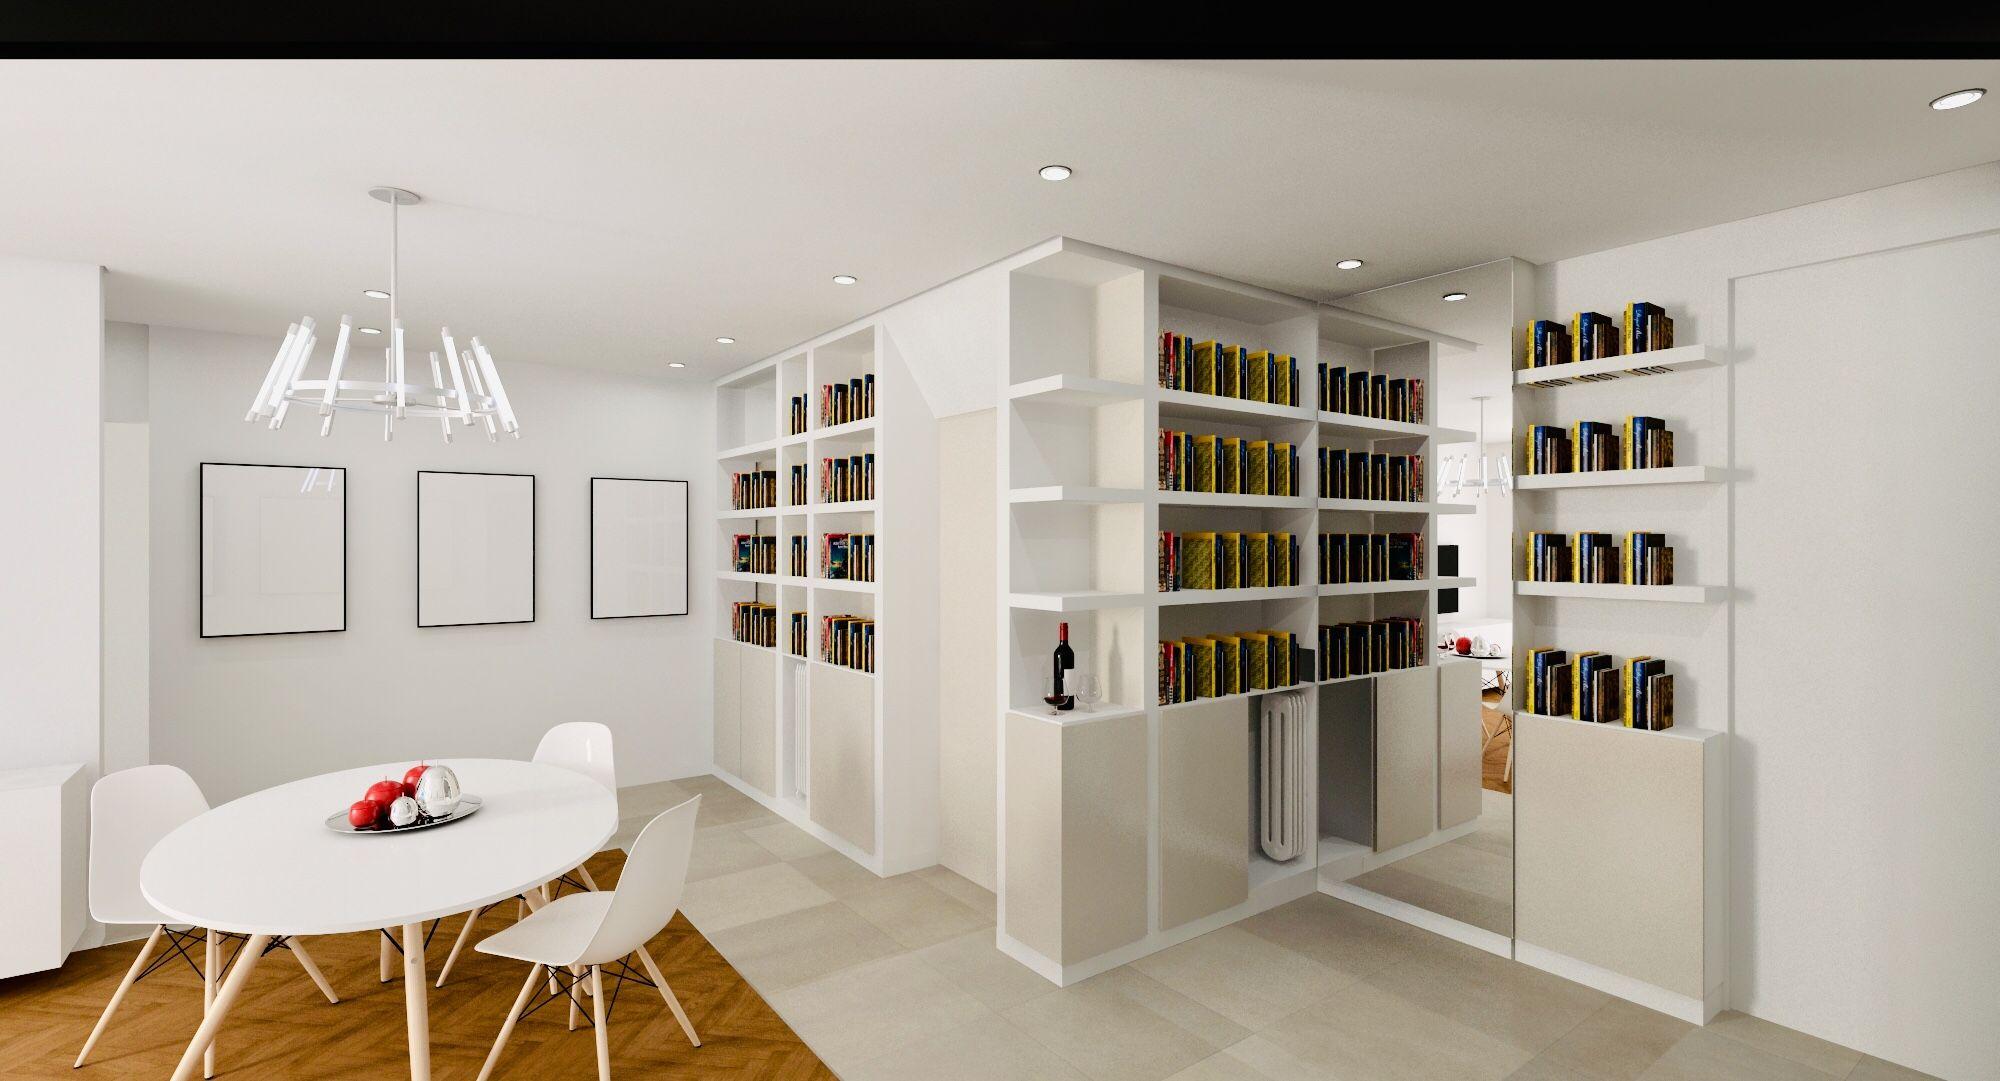 Altezza Specchio Ingresso realizzazione libreria in cartongesso, adibita a nascondere